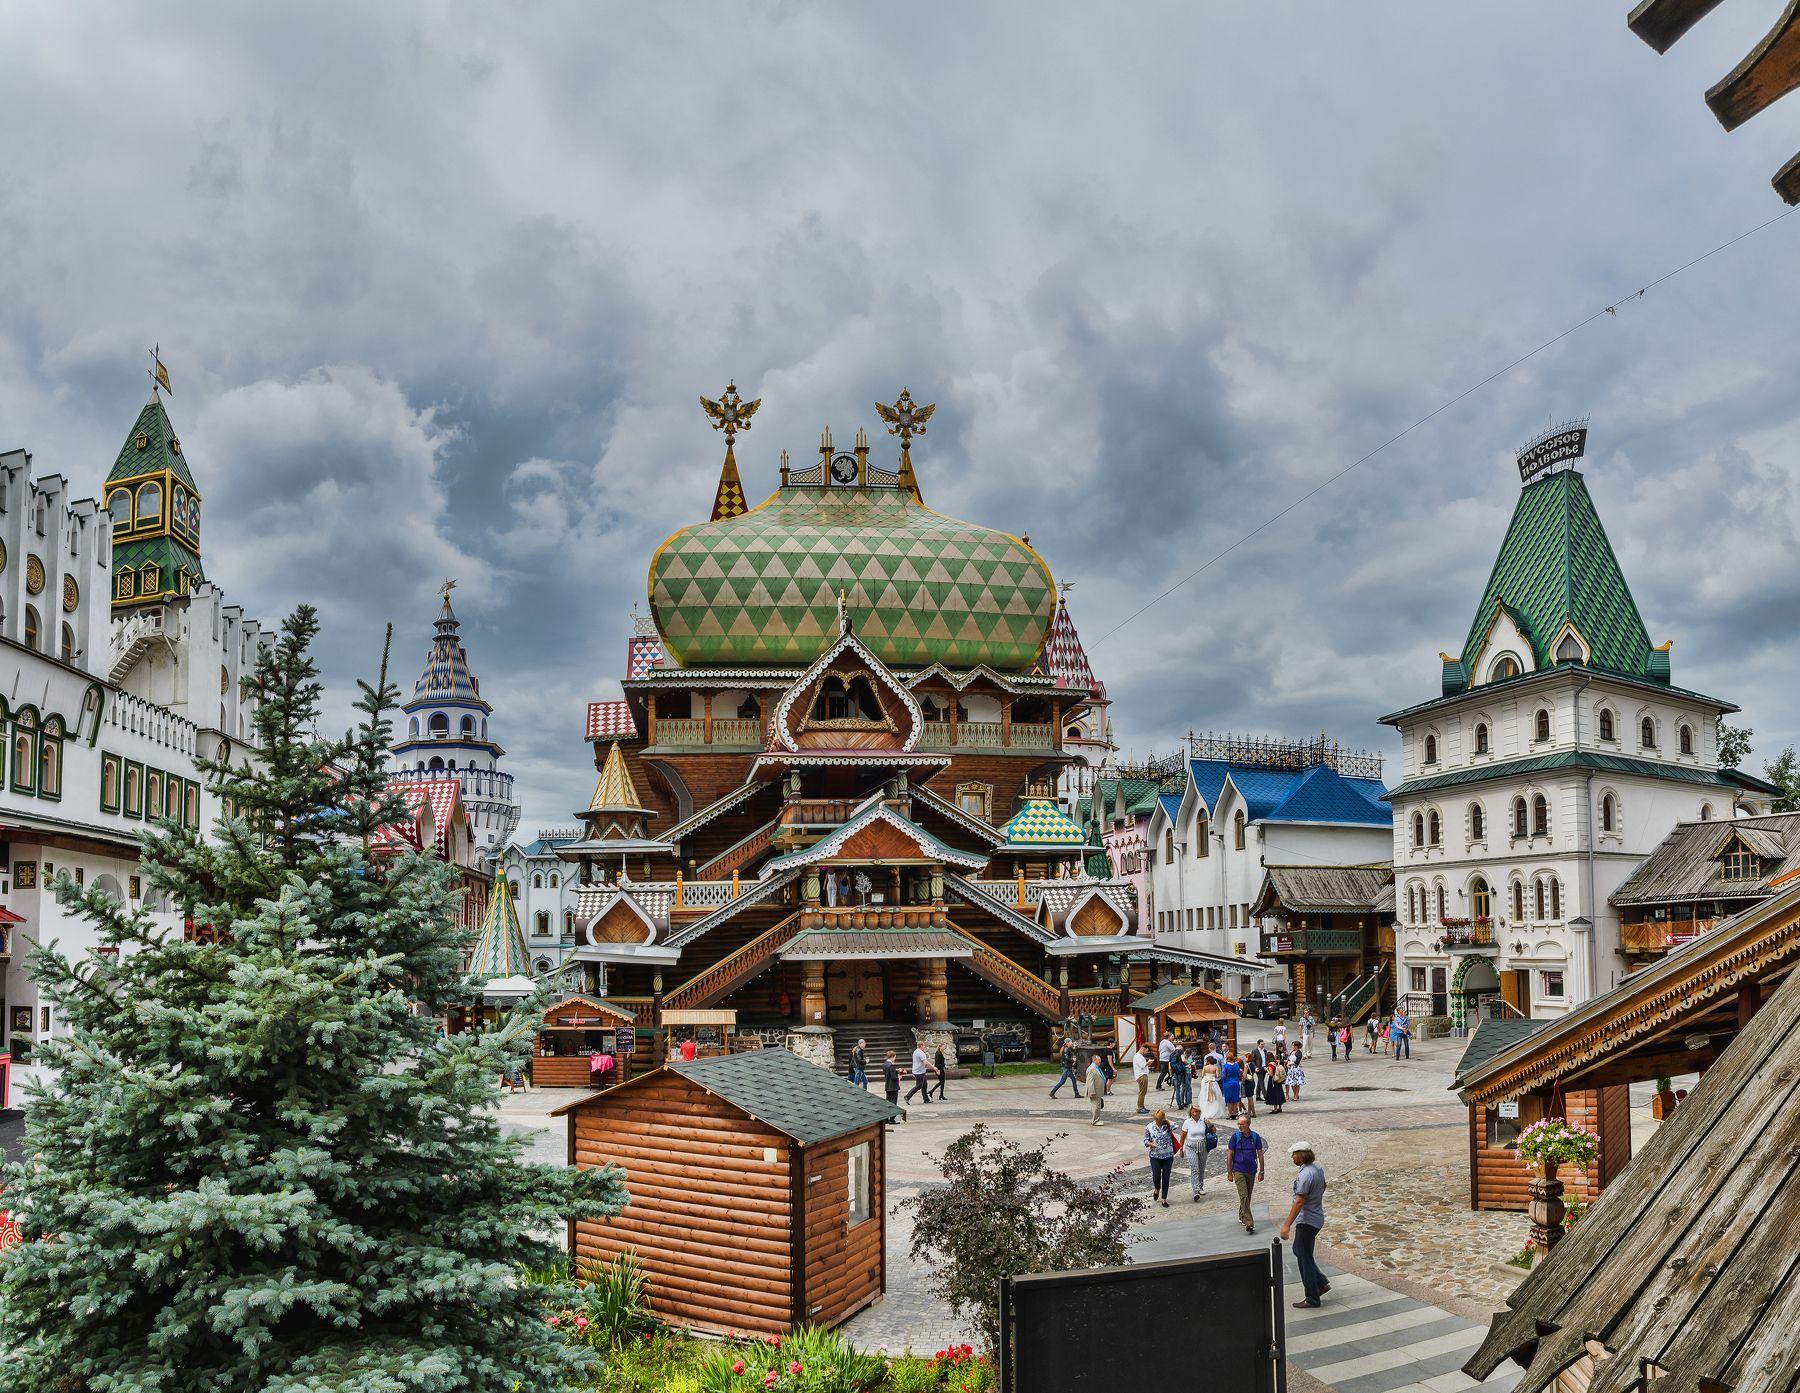 Кремль в Измайлово. Кремль Измайлово Москва